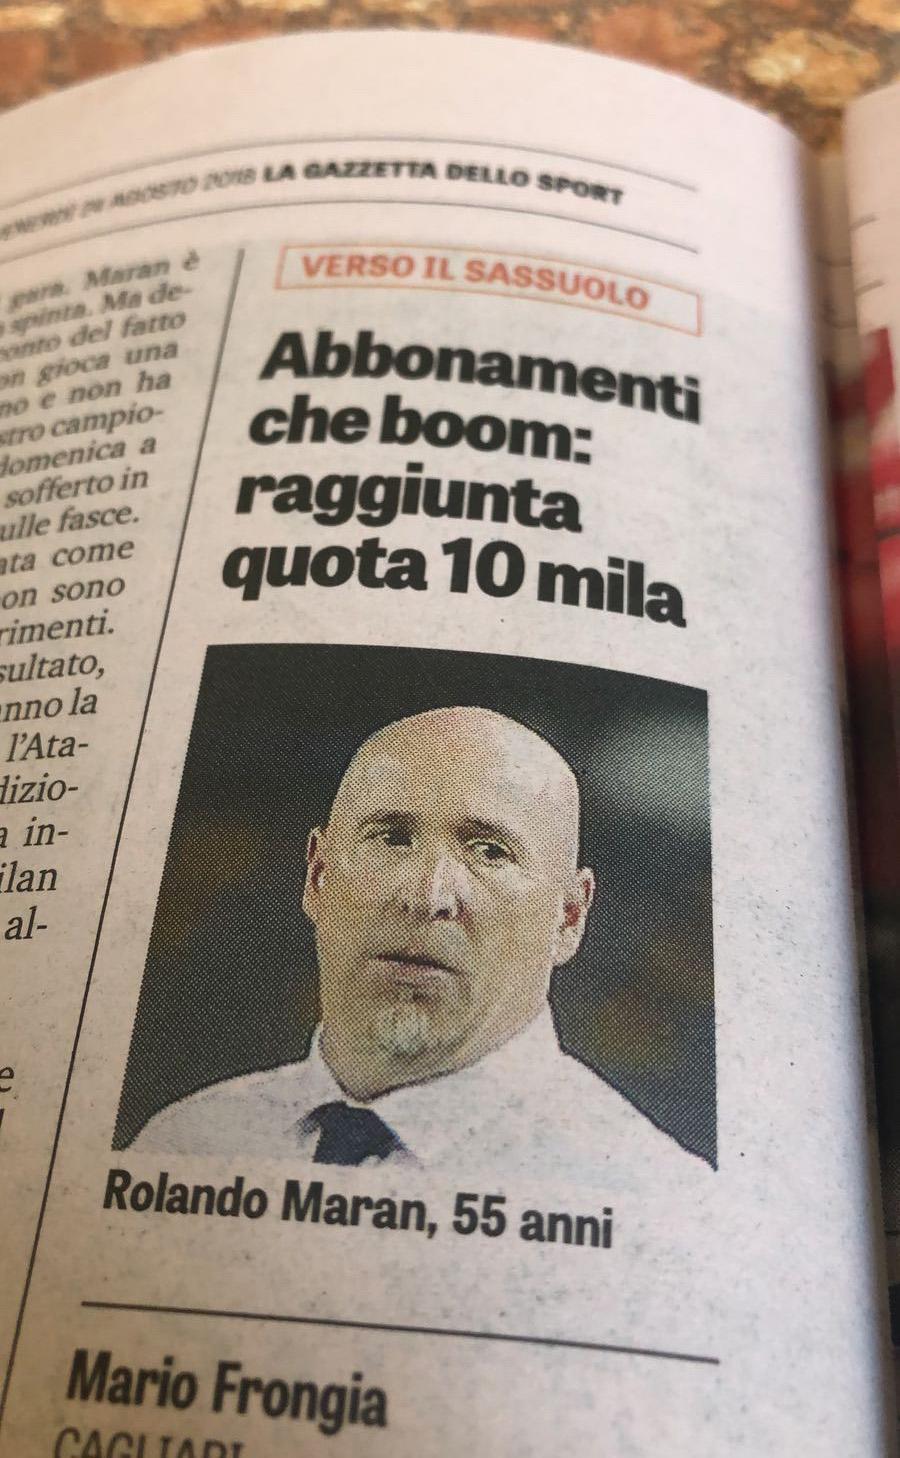 Cagliari Calcio - Campagna Abbonamenti 2018-2019